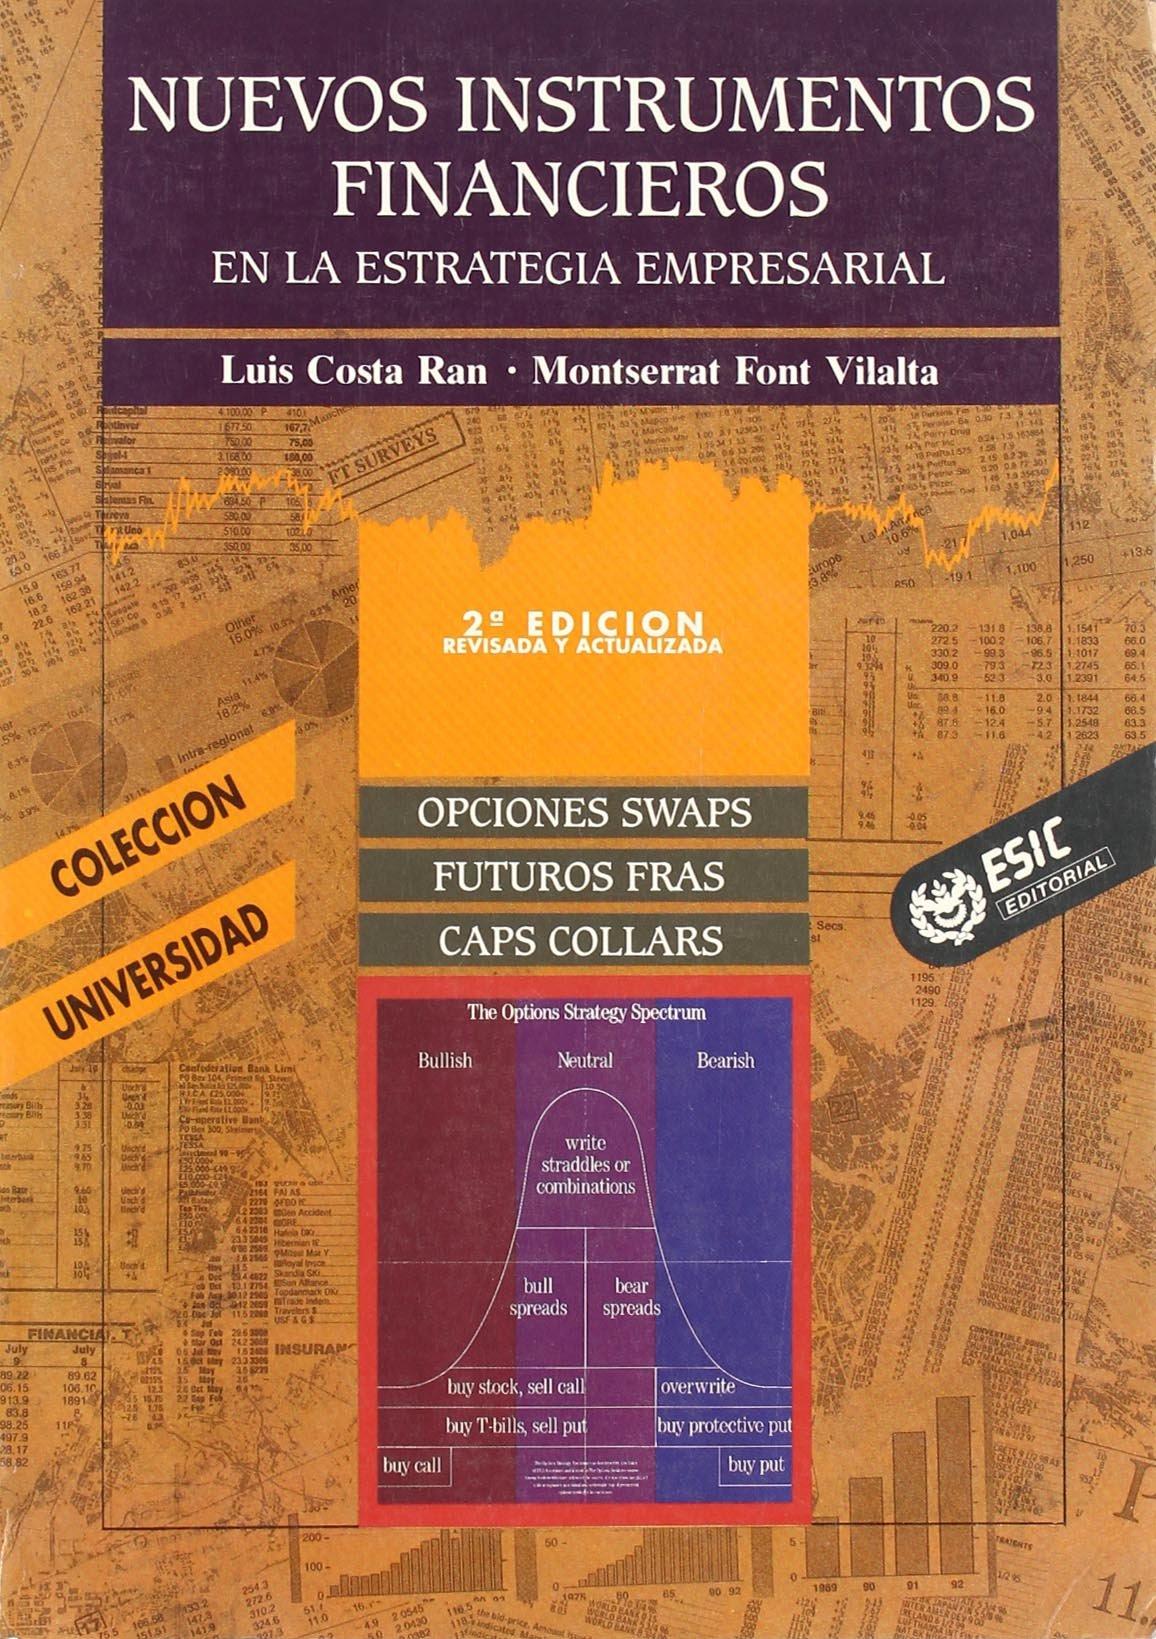 Nuevos Instrumentos Financieros (Spanish Edition)